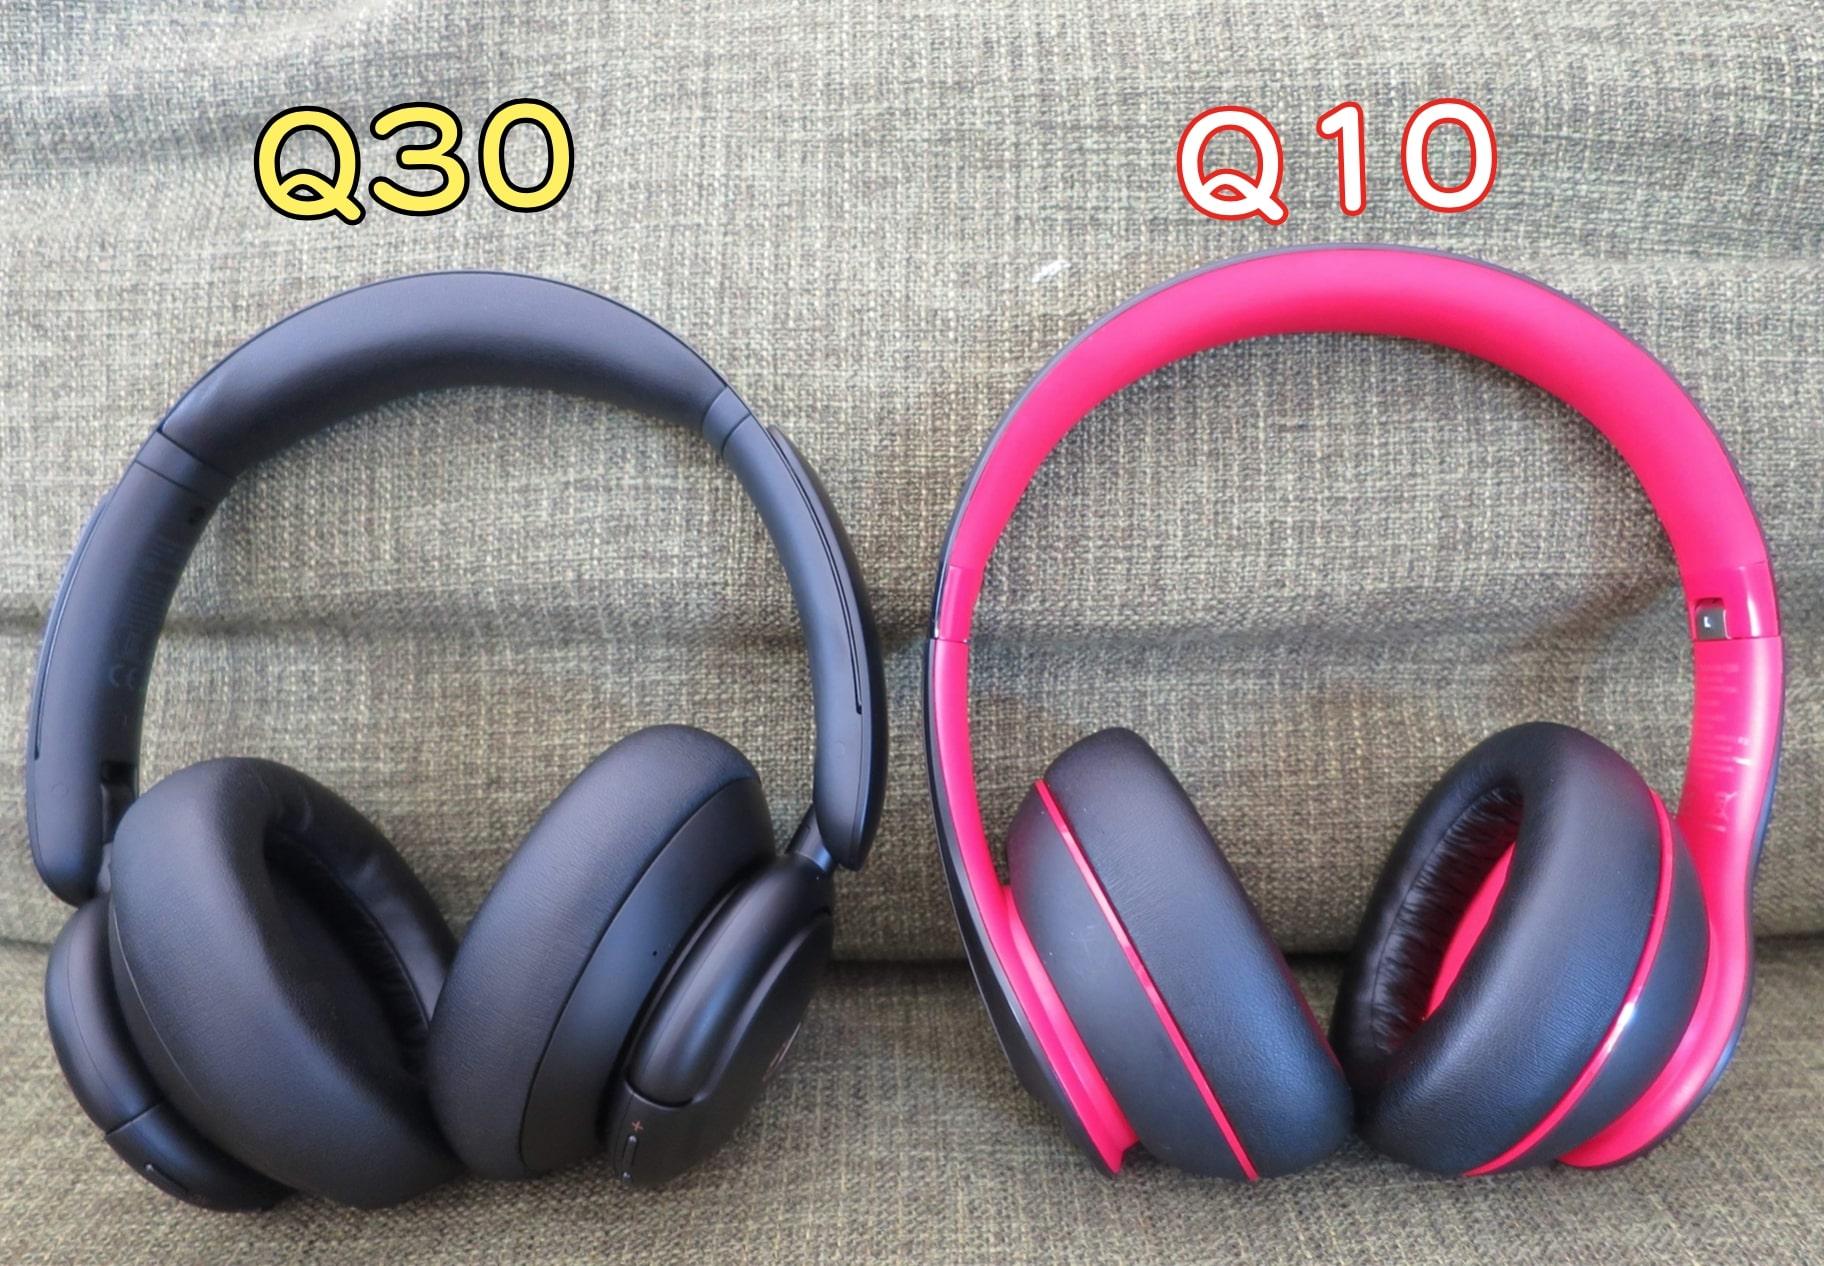 Q30 VS Q10 soundcore